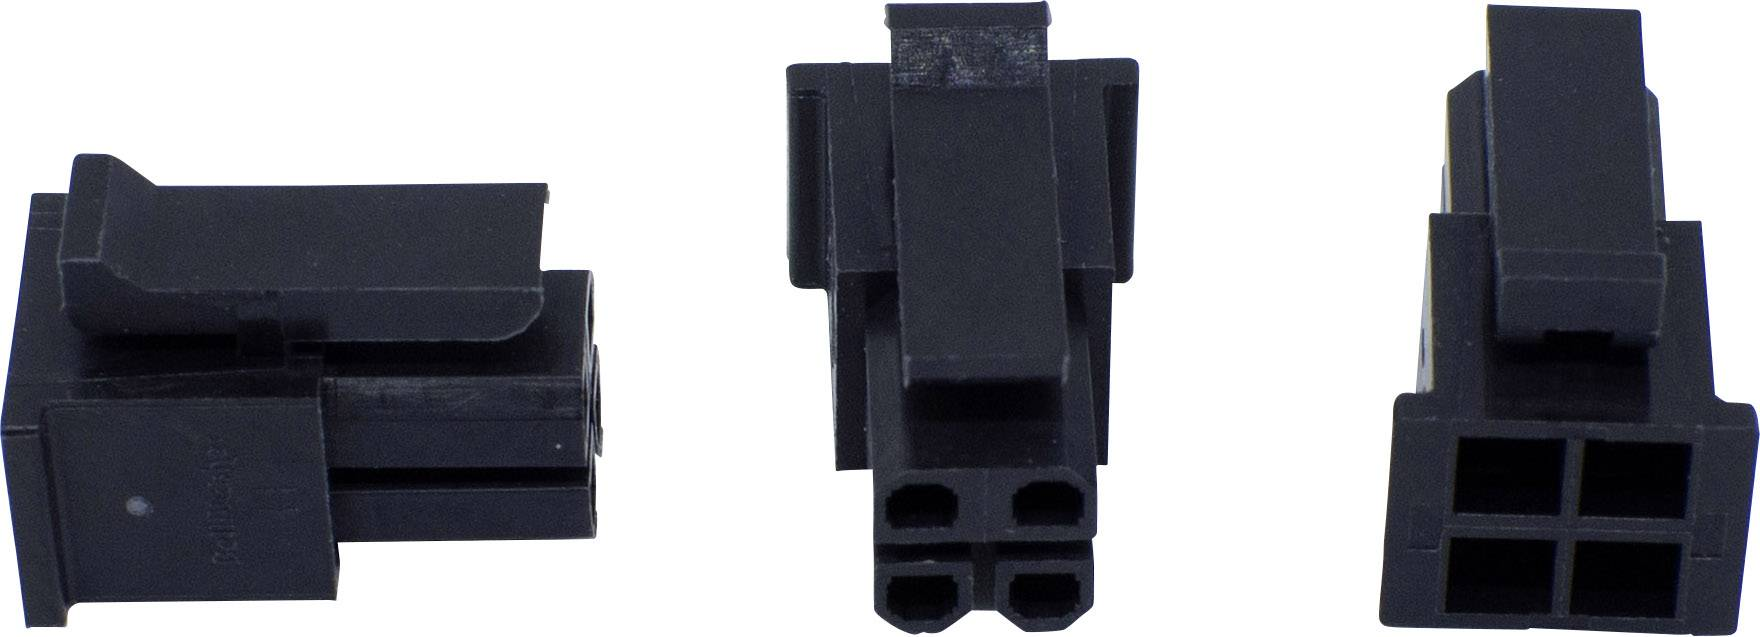 Zásuvkový konektor na kabel BellWether 70093-1400, pólů 14, rozteč 3 mm, 1 ks